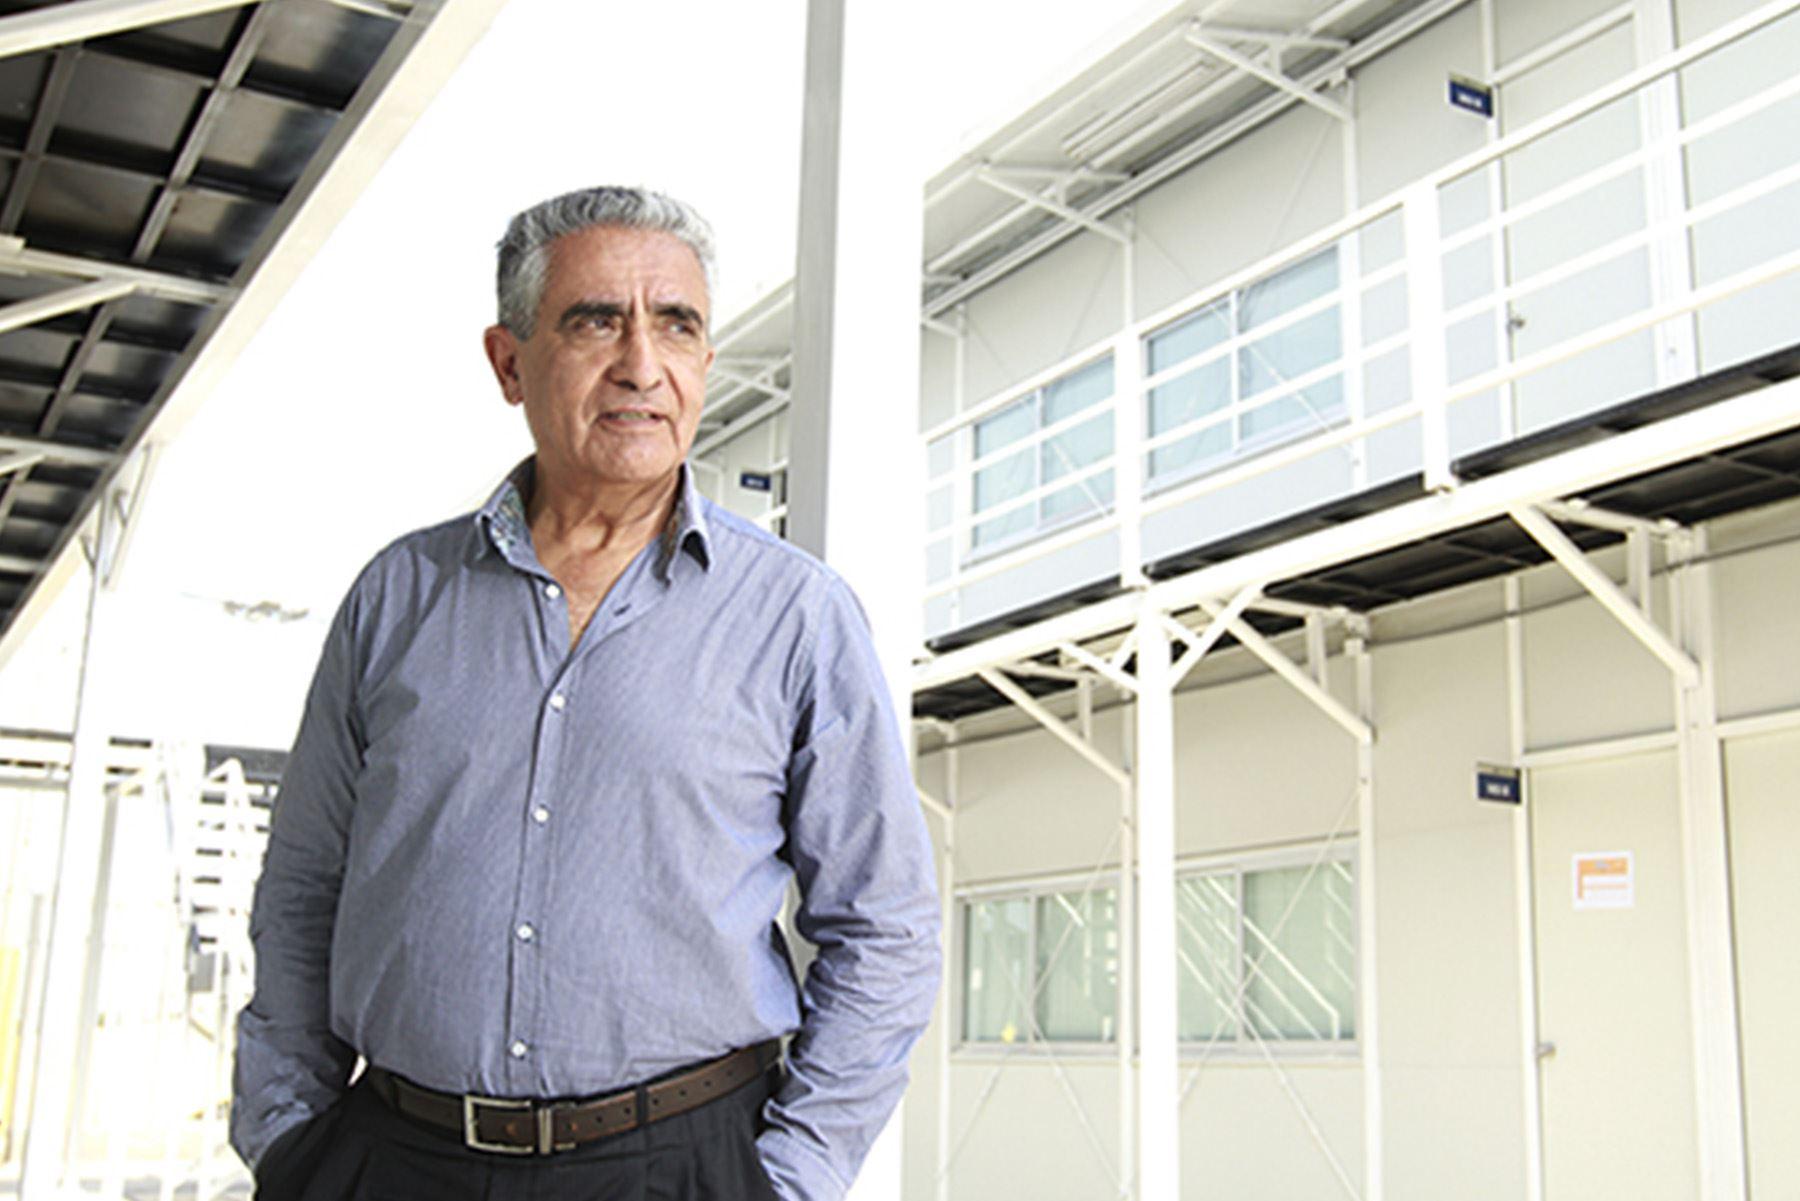 Benjamín Marticorena Castillo es físico de la Universidad Nacional de Ingeniería (UNI) y tiene un doctorado por la Universidad de Grenoble, Francia (Foto: PUCP)